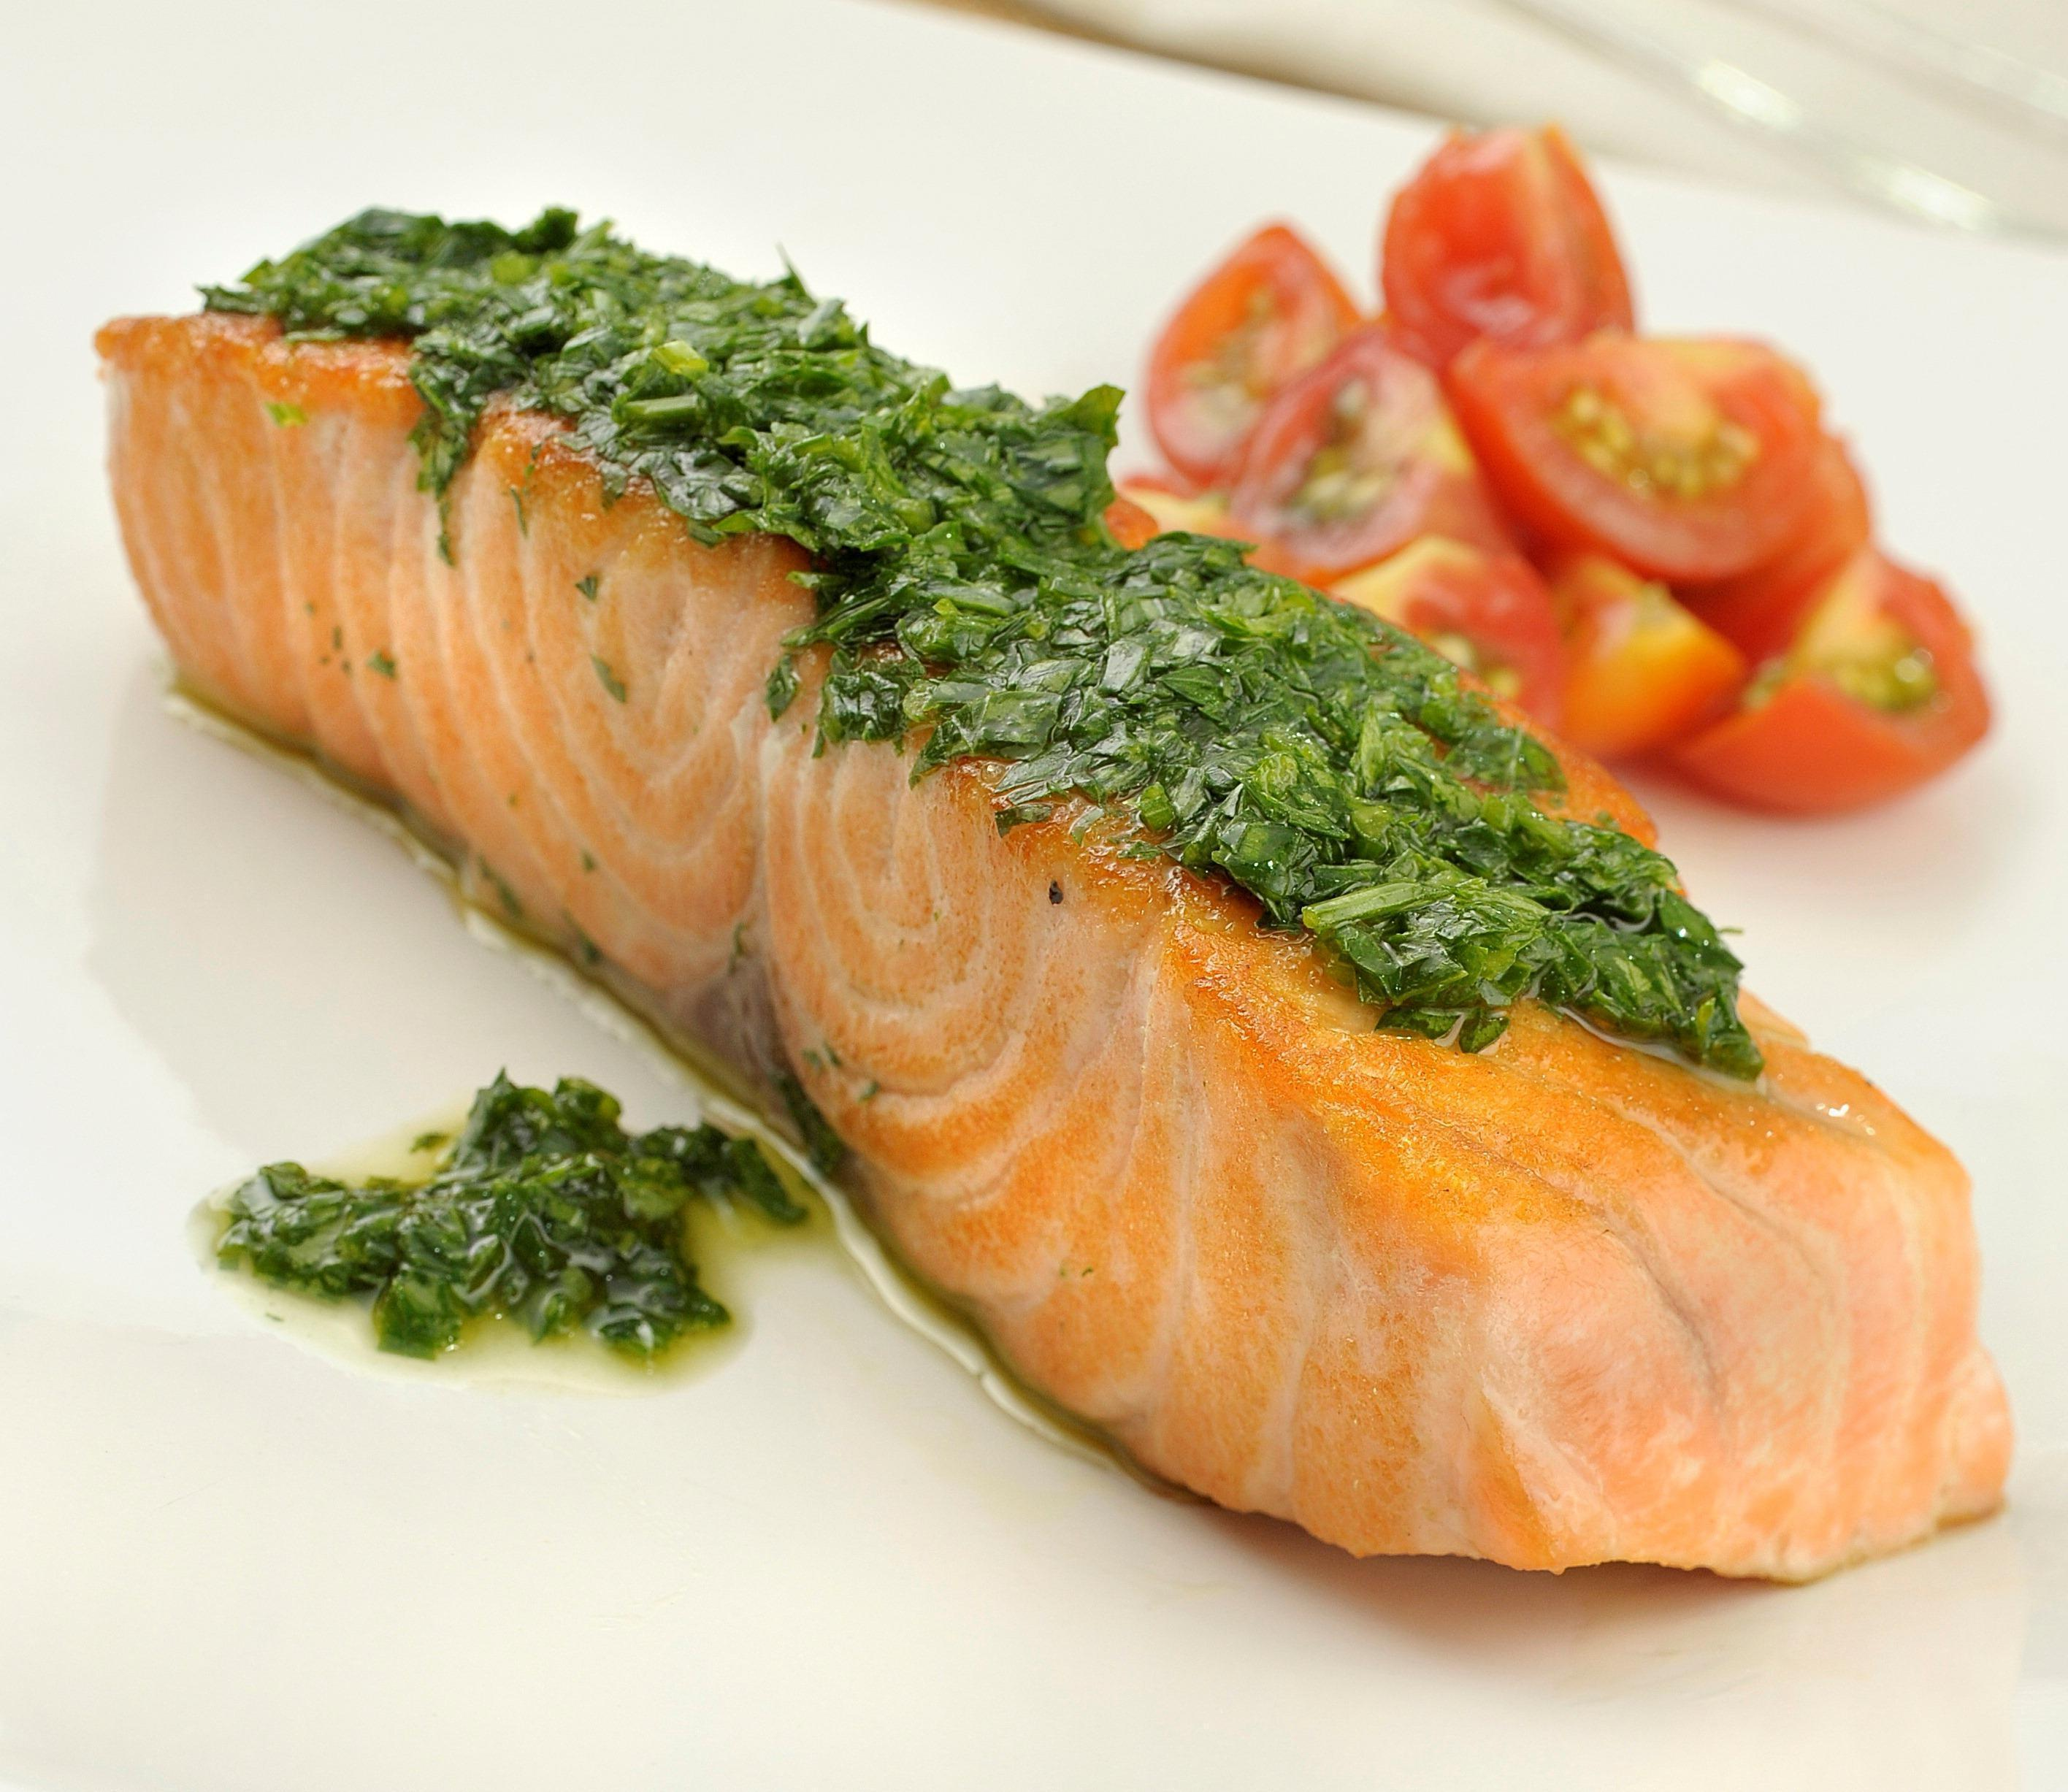 Comer à Noite: Quais os Alimentos Que Podemos Comer e Quais Não Para Evitar Ganhar Peso?